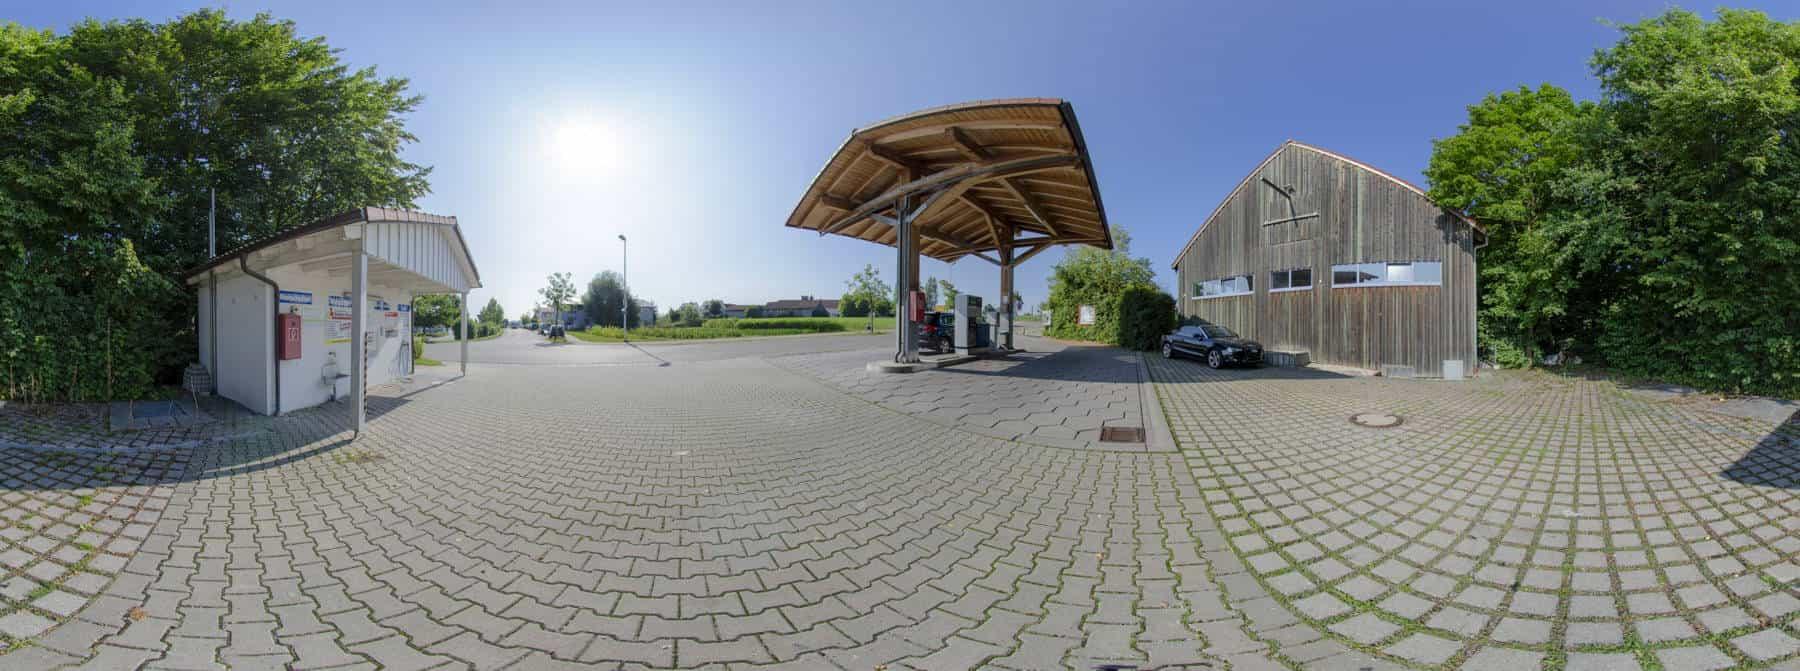 Tankstelle Röhrmoos 360°